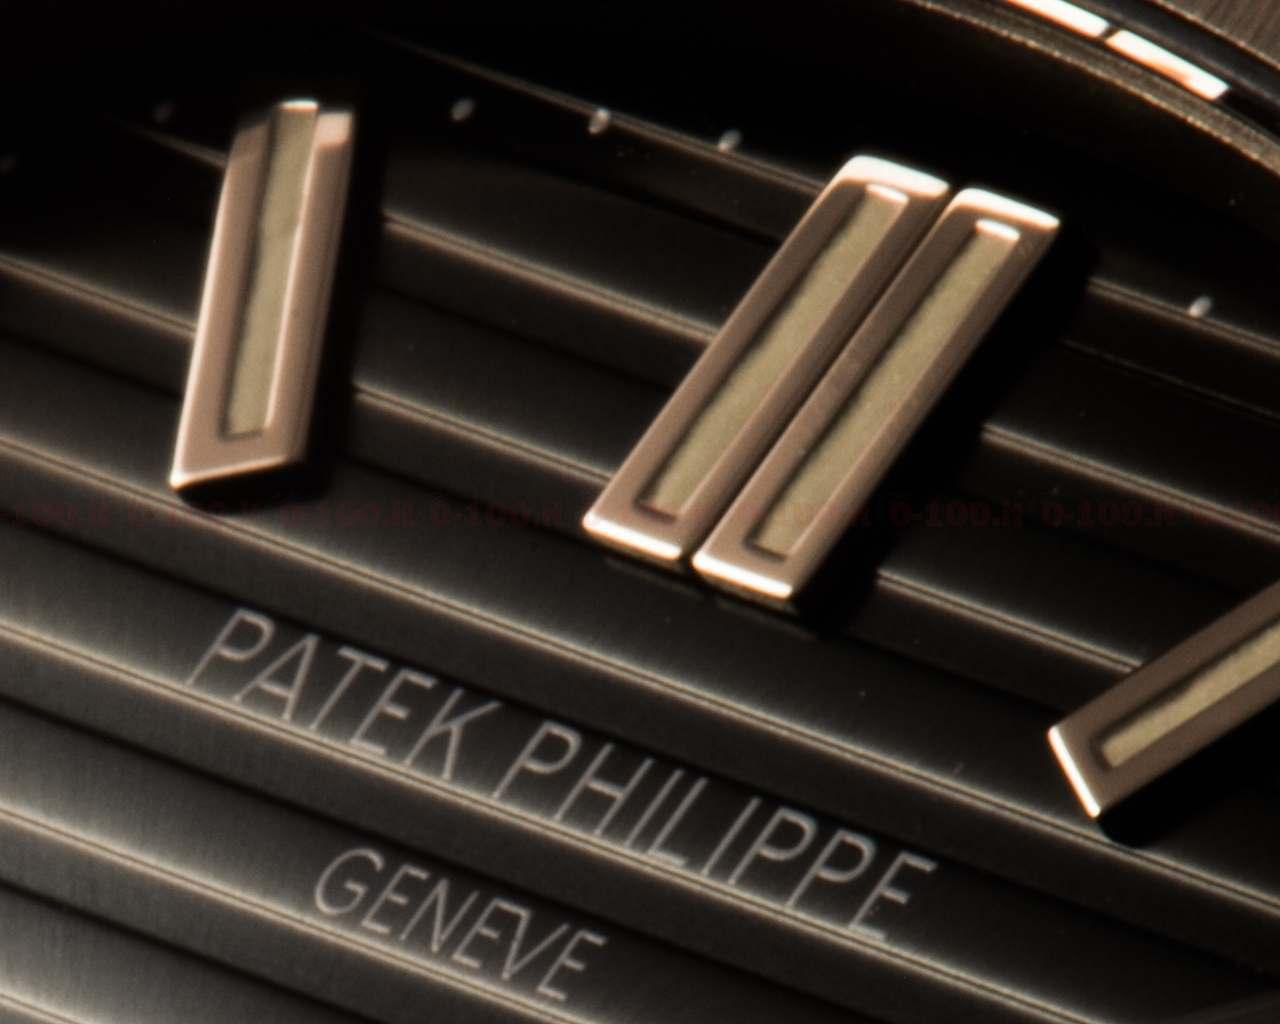 Patek Philippe Nautilus 5711_prezzo_price_0-1007